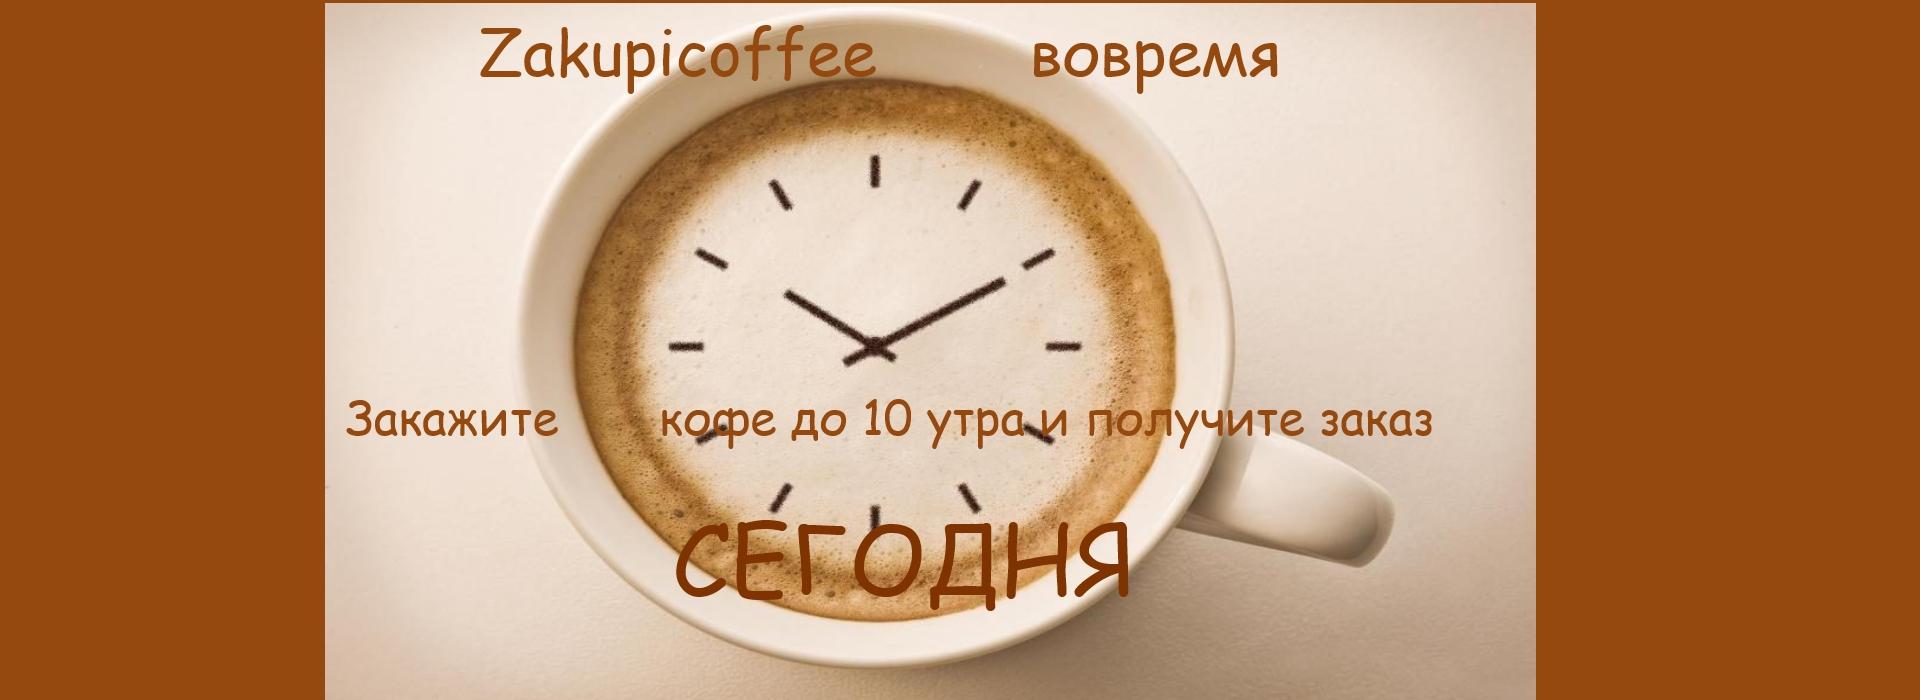 Закупи кофе вовремя